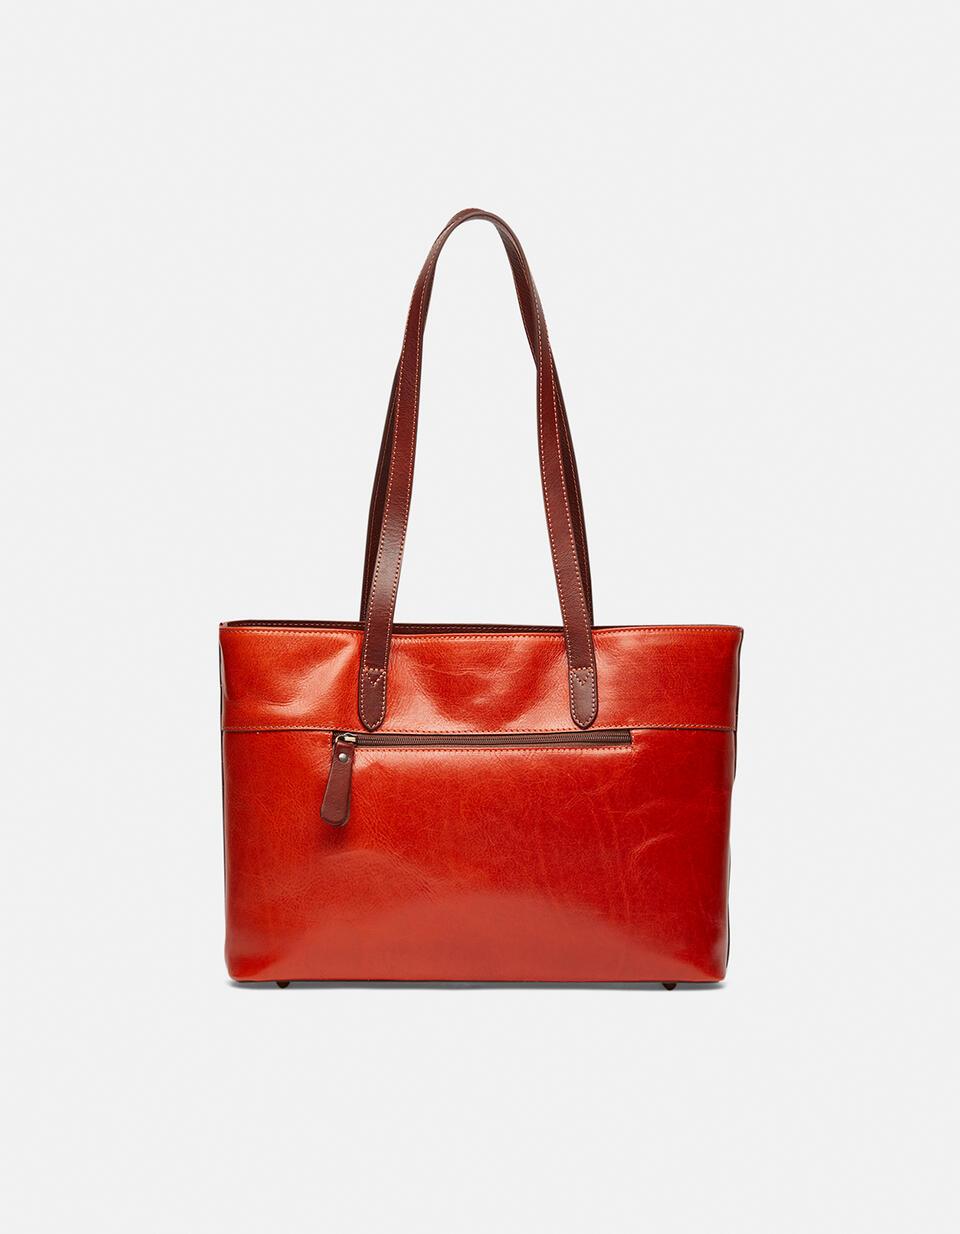 Warm and Colour large leather shopping bag ARANCIOBICOLORE Cuoieria Fiorentina